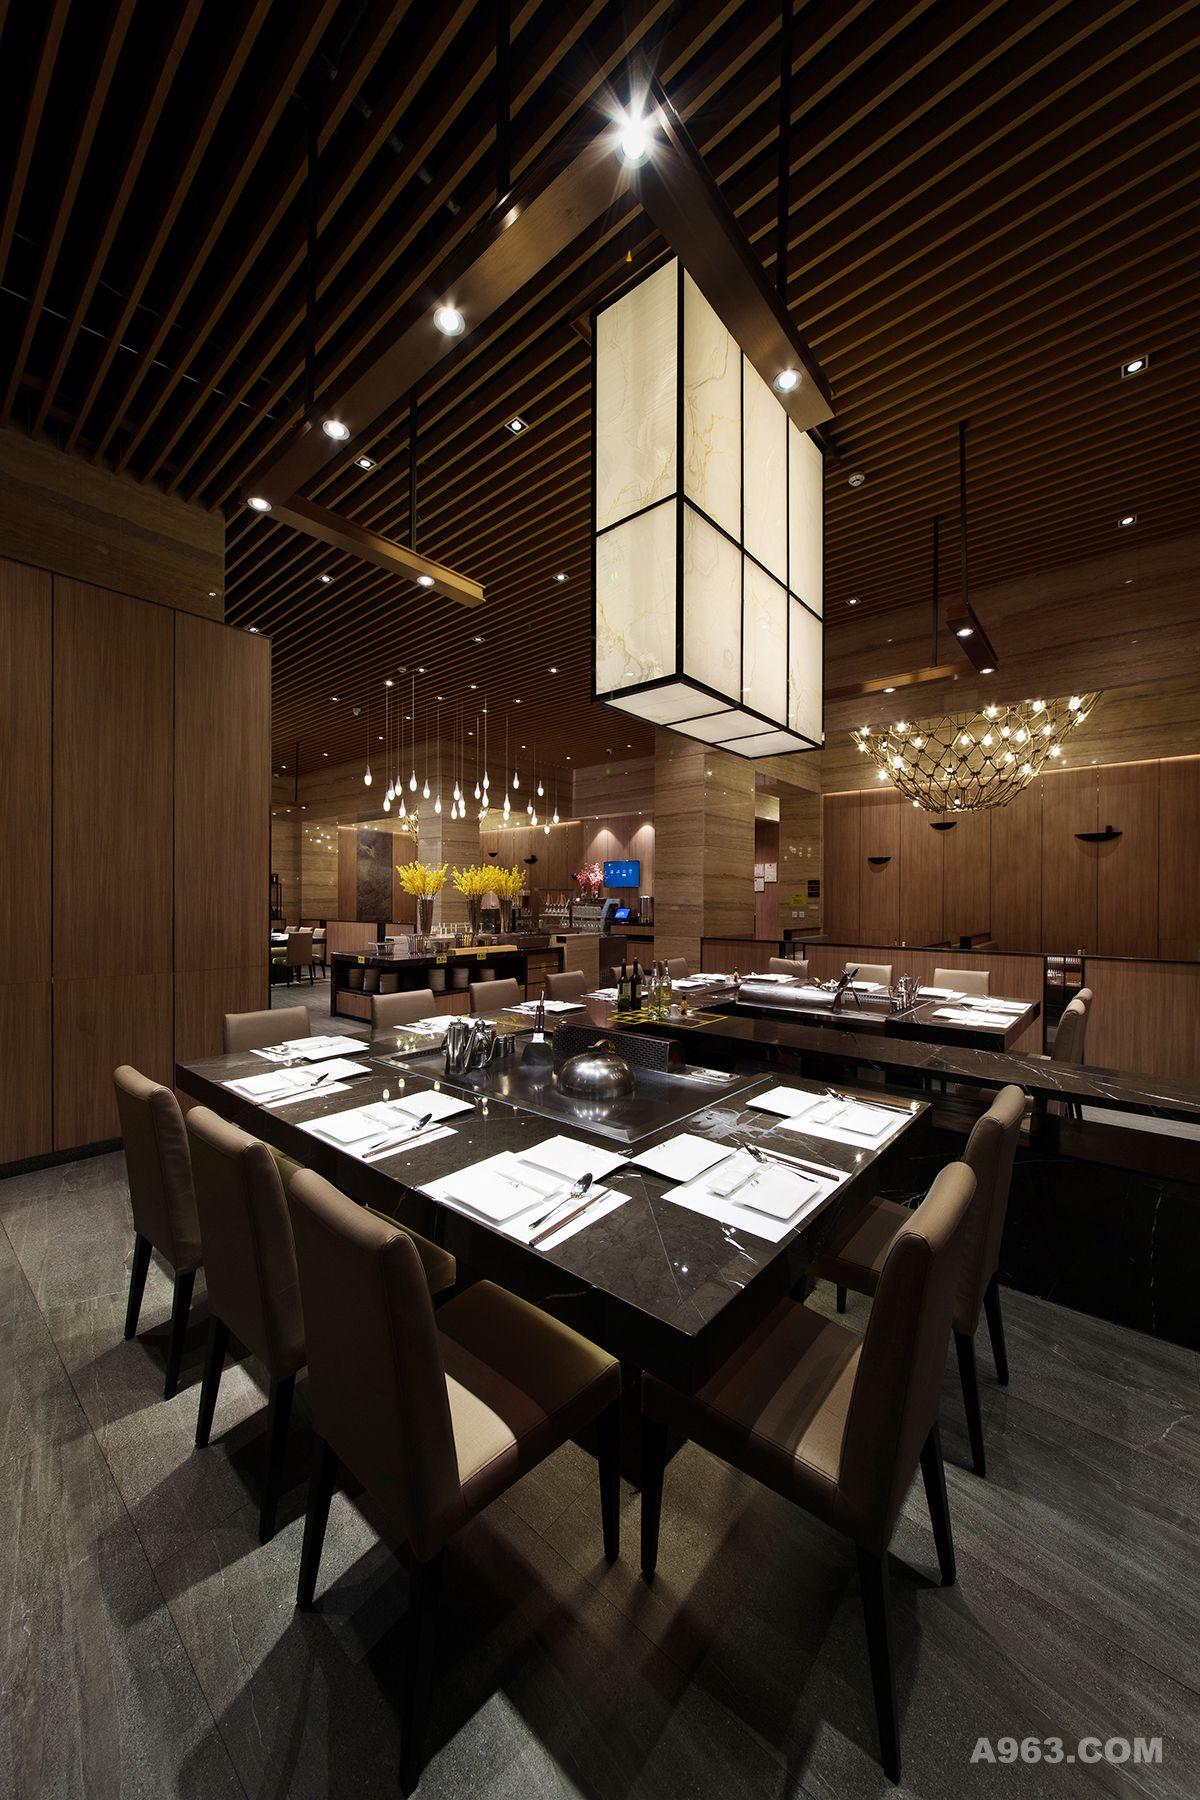 2大渔铁板烧(东莞)餐厅设计 -大堂设计1